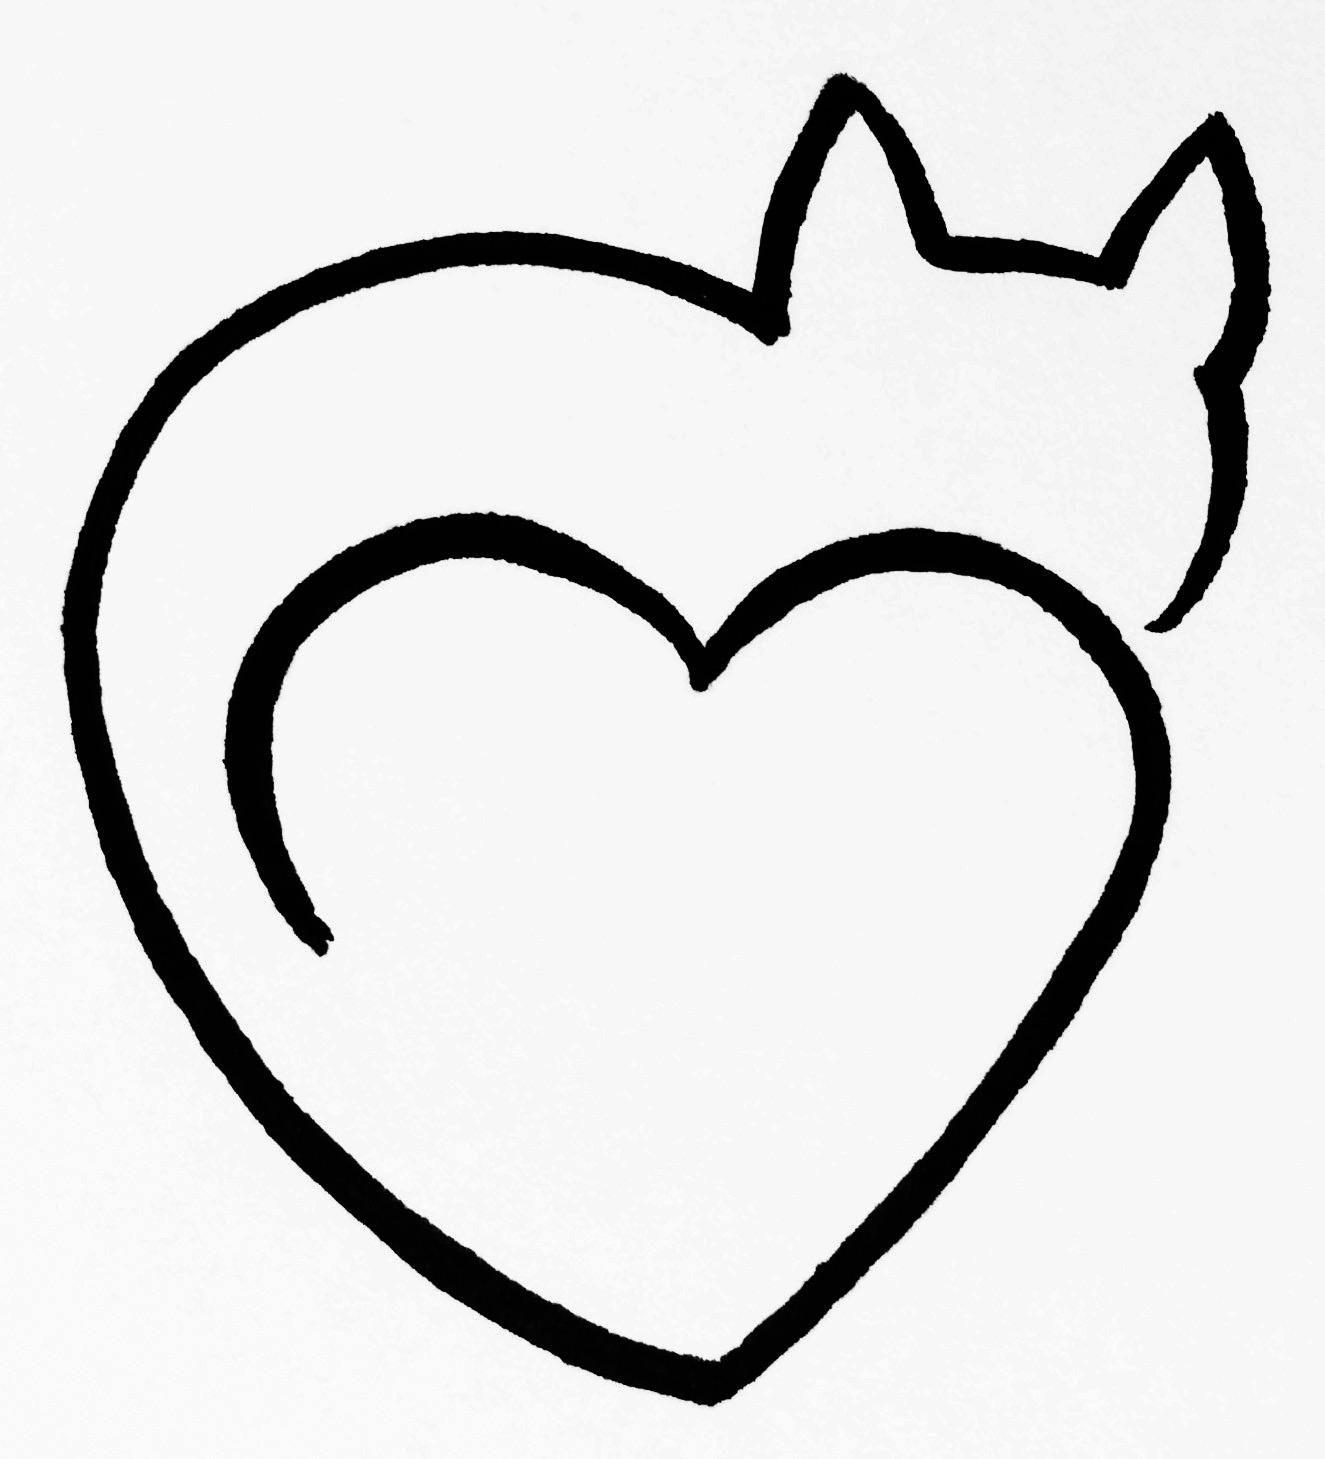 Photo of Gato corazón imágenes prediseñadas en blanco y negro una línea de arte por Minh Tan